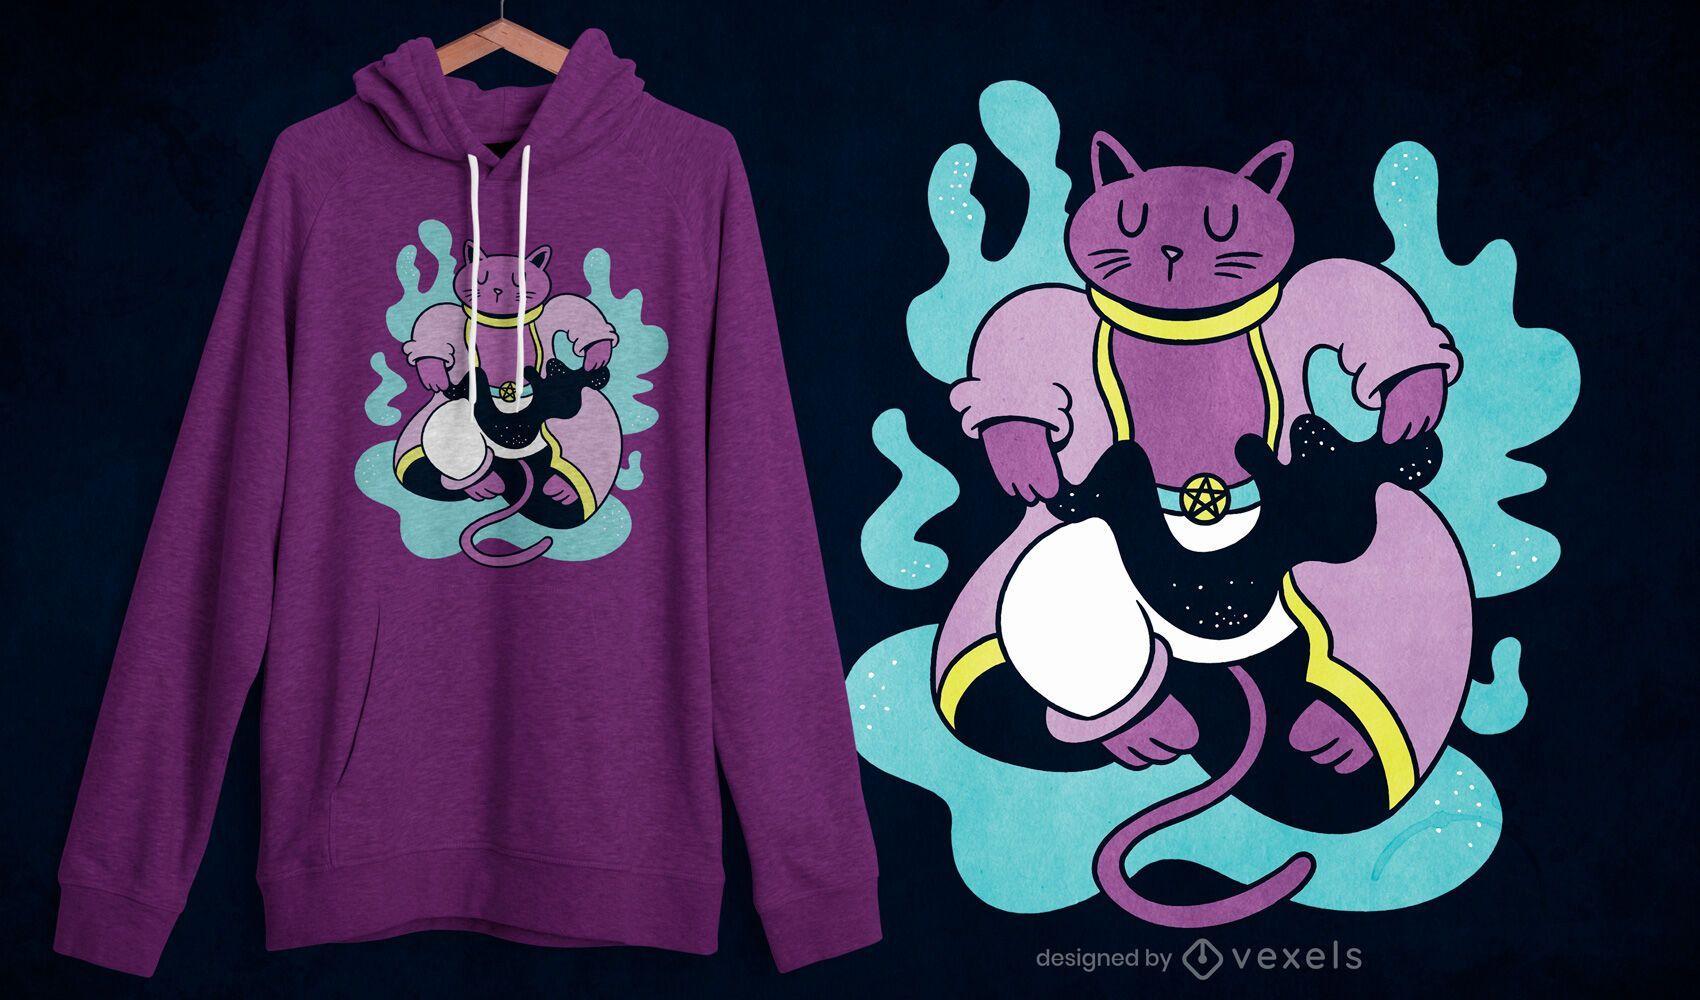 Magician cat t-shirt design